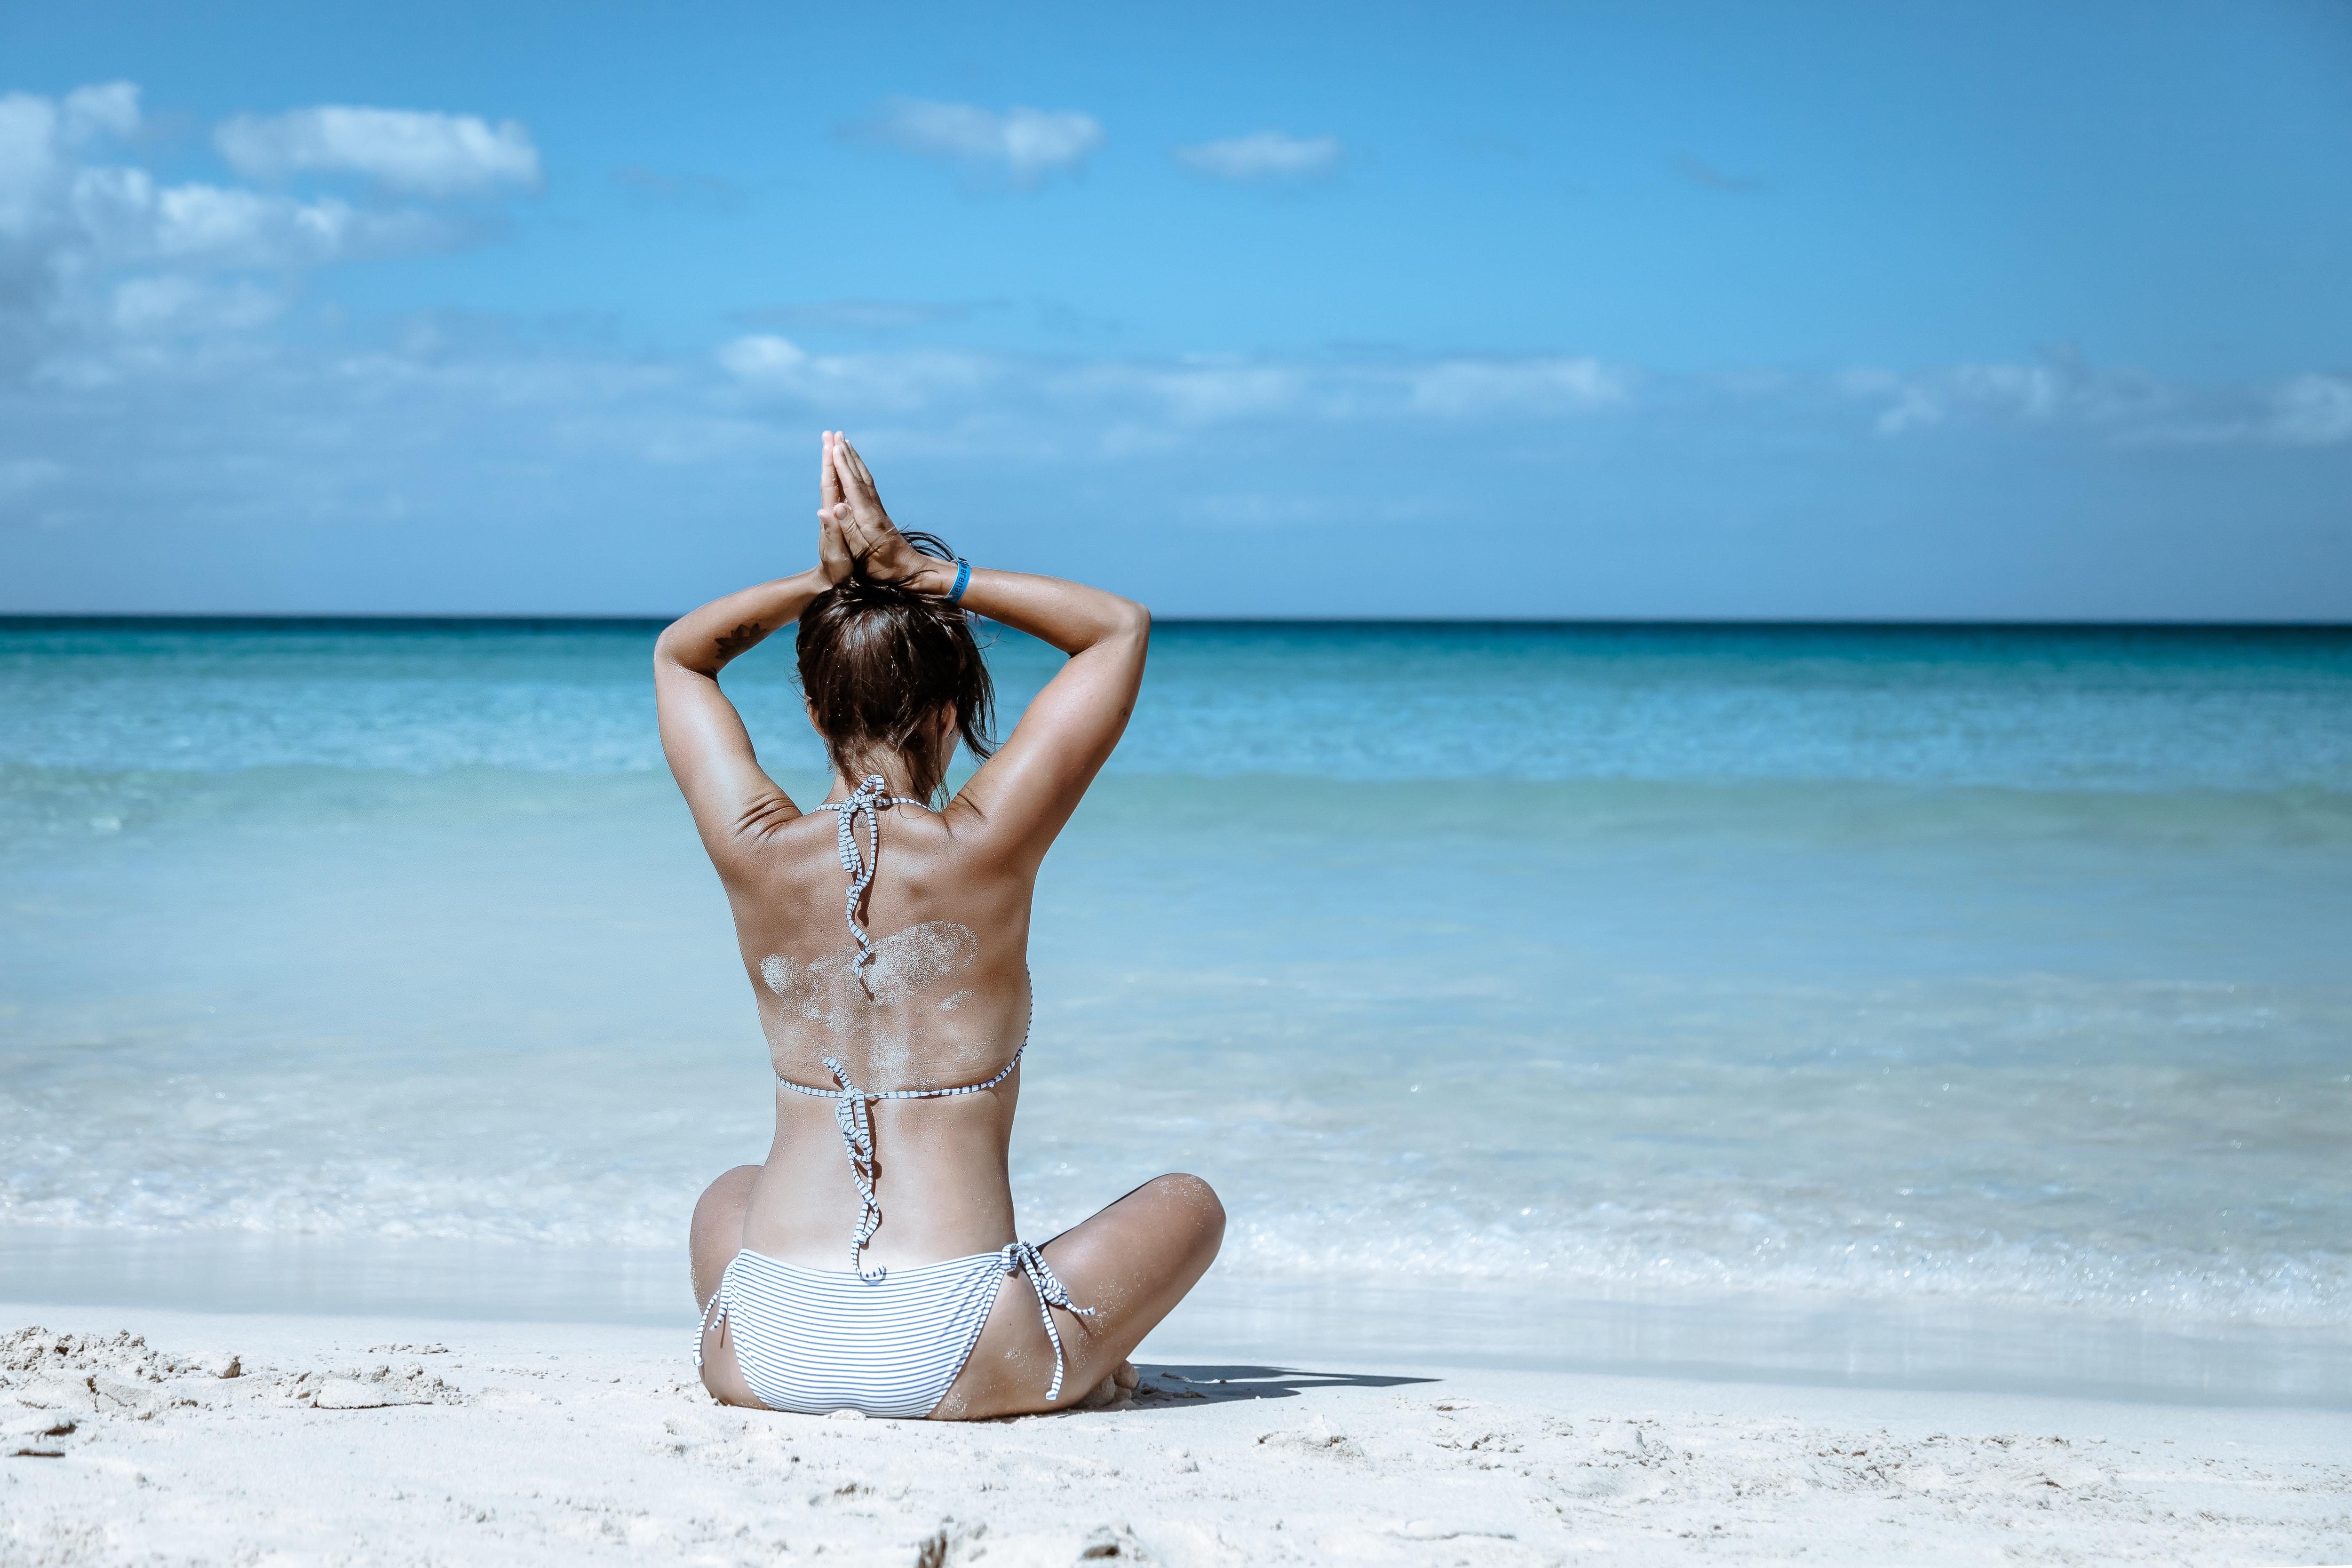 beach-bikini-body-2196143.jpg